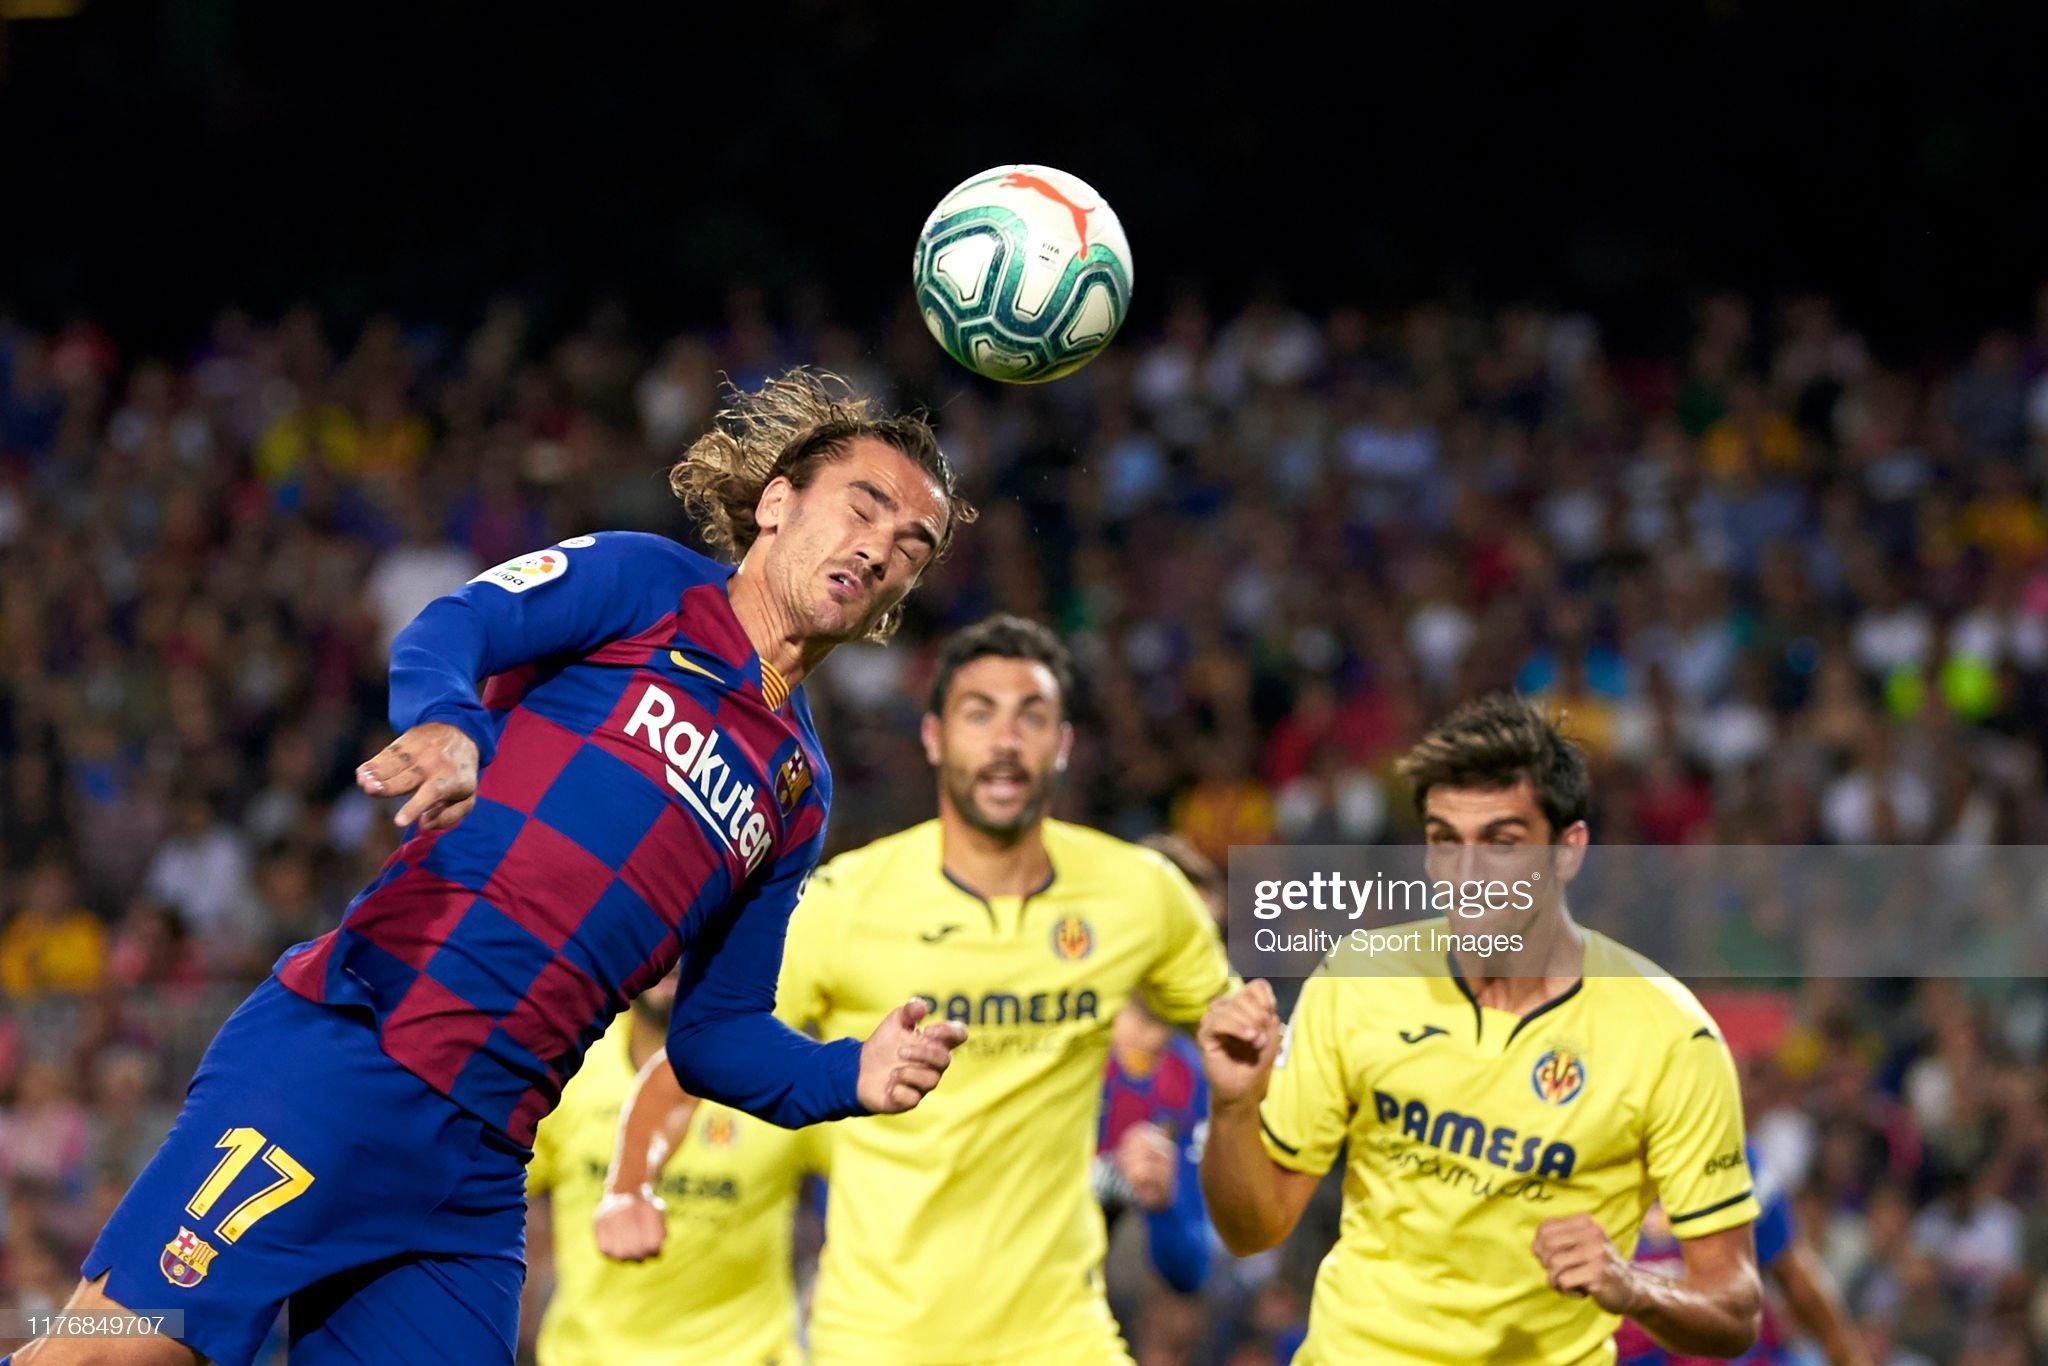 صور مباراة : برشلونة - فياريال 2-1 ( 24-09-2019 )  Antoine-griezmann-of-fc-barcelona-scores-their-teams-first-goal-the-picture-id1176849707?s=2048x2048